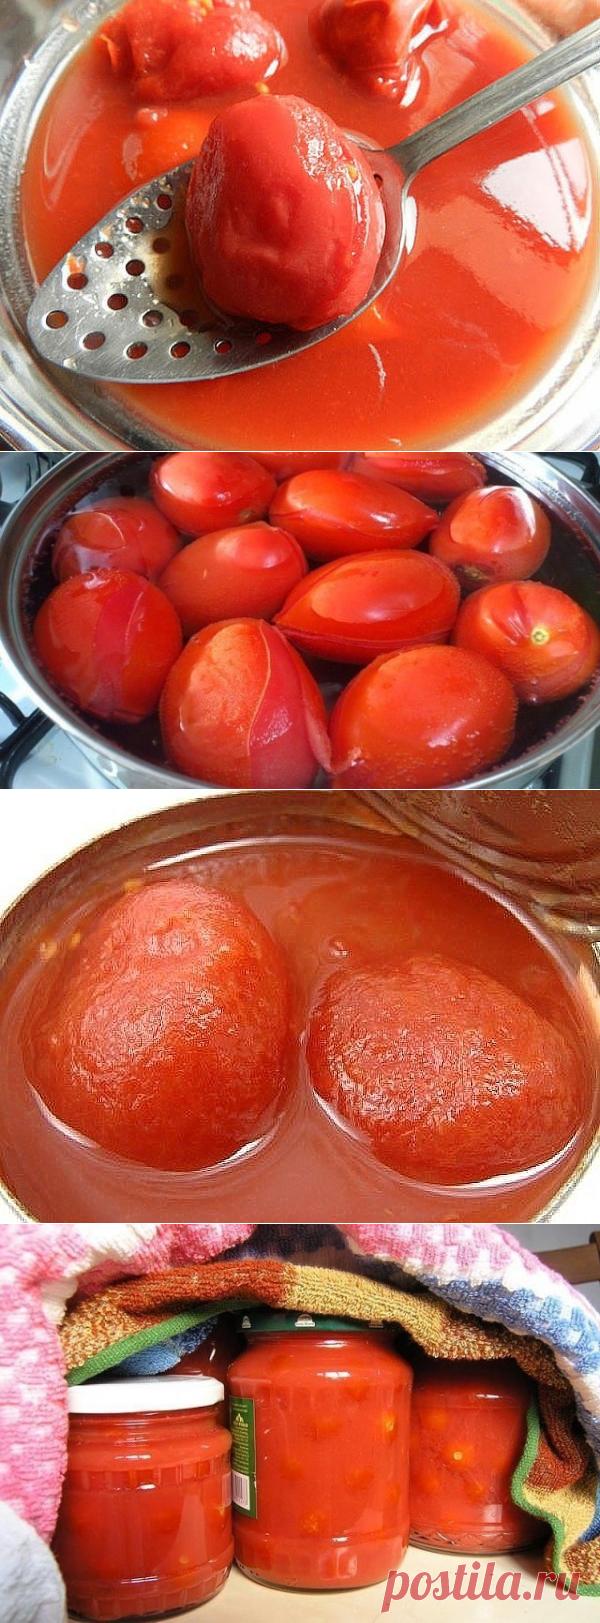 Как приготовить помидоры в собственном соку! рецепт на века!  - рецепт, ингредиенты и фотографии